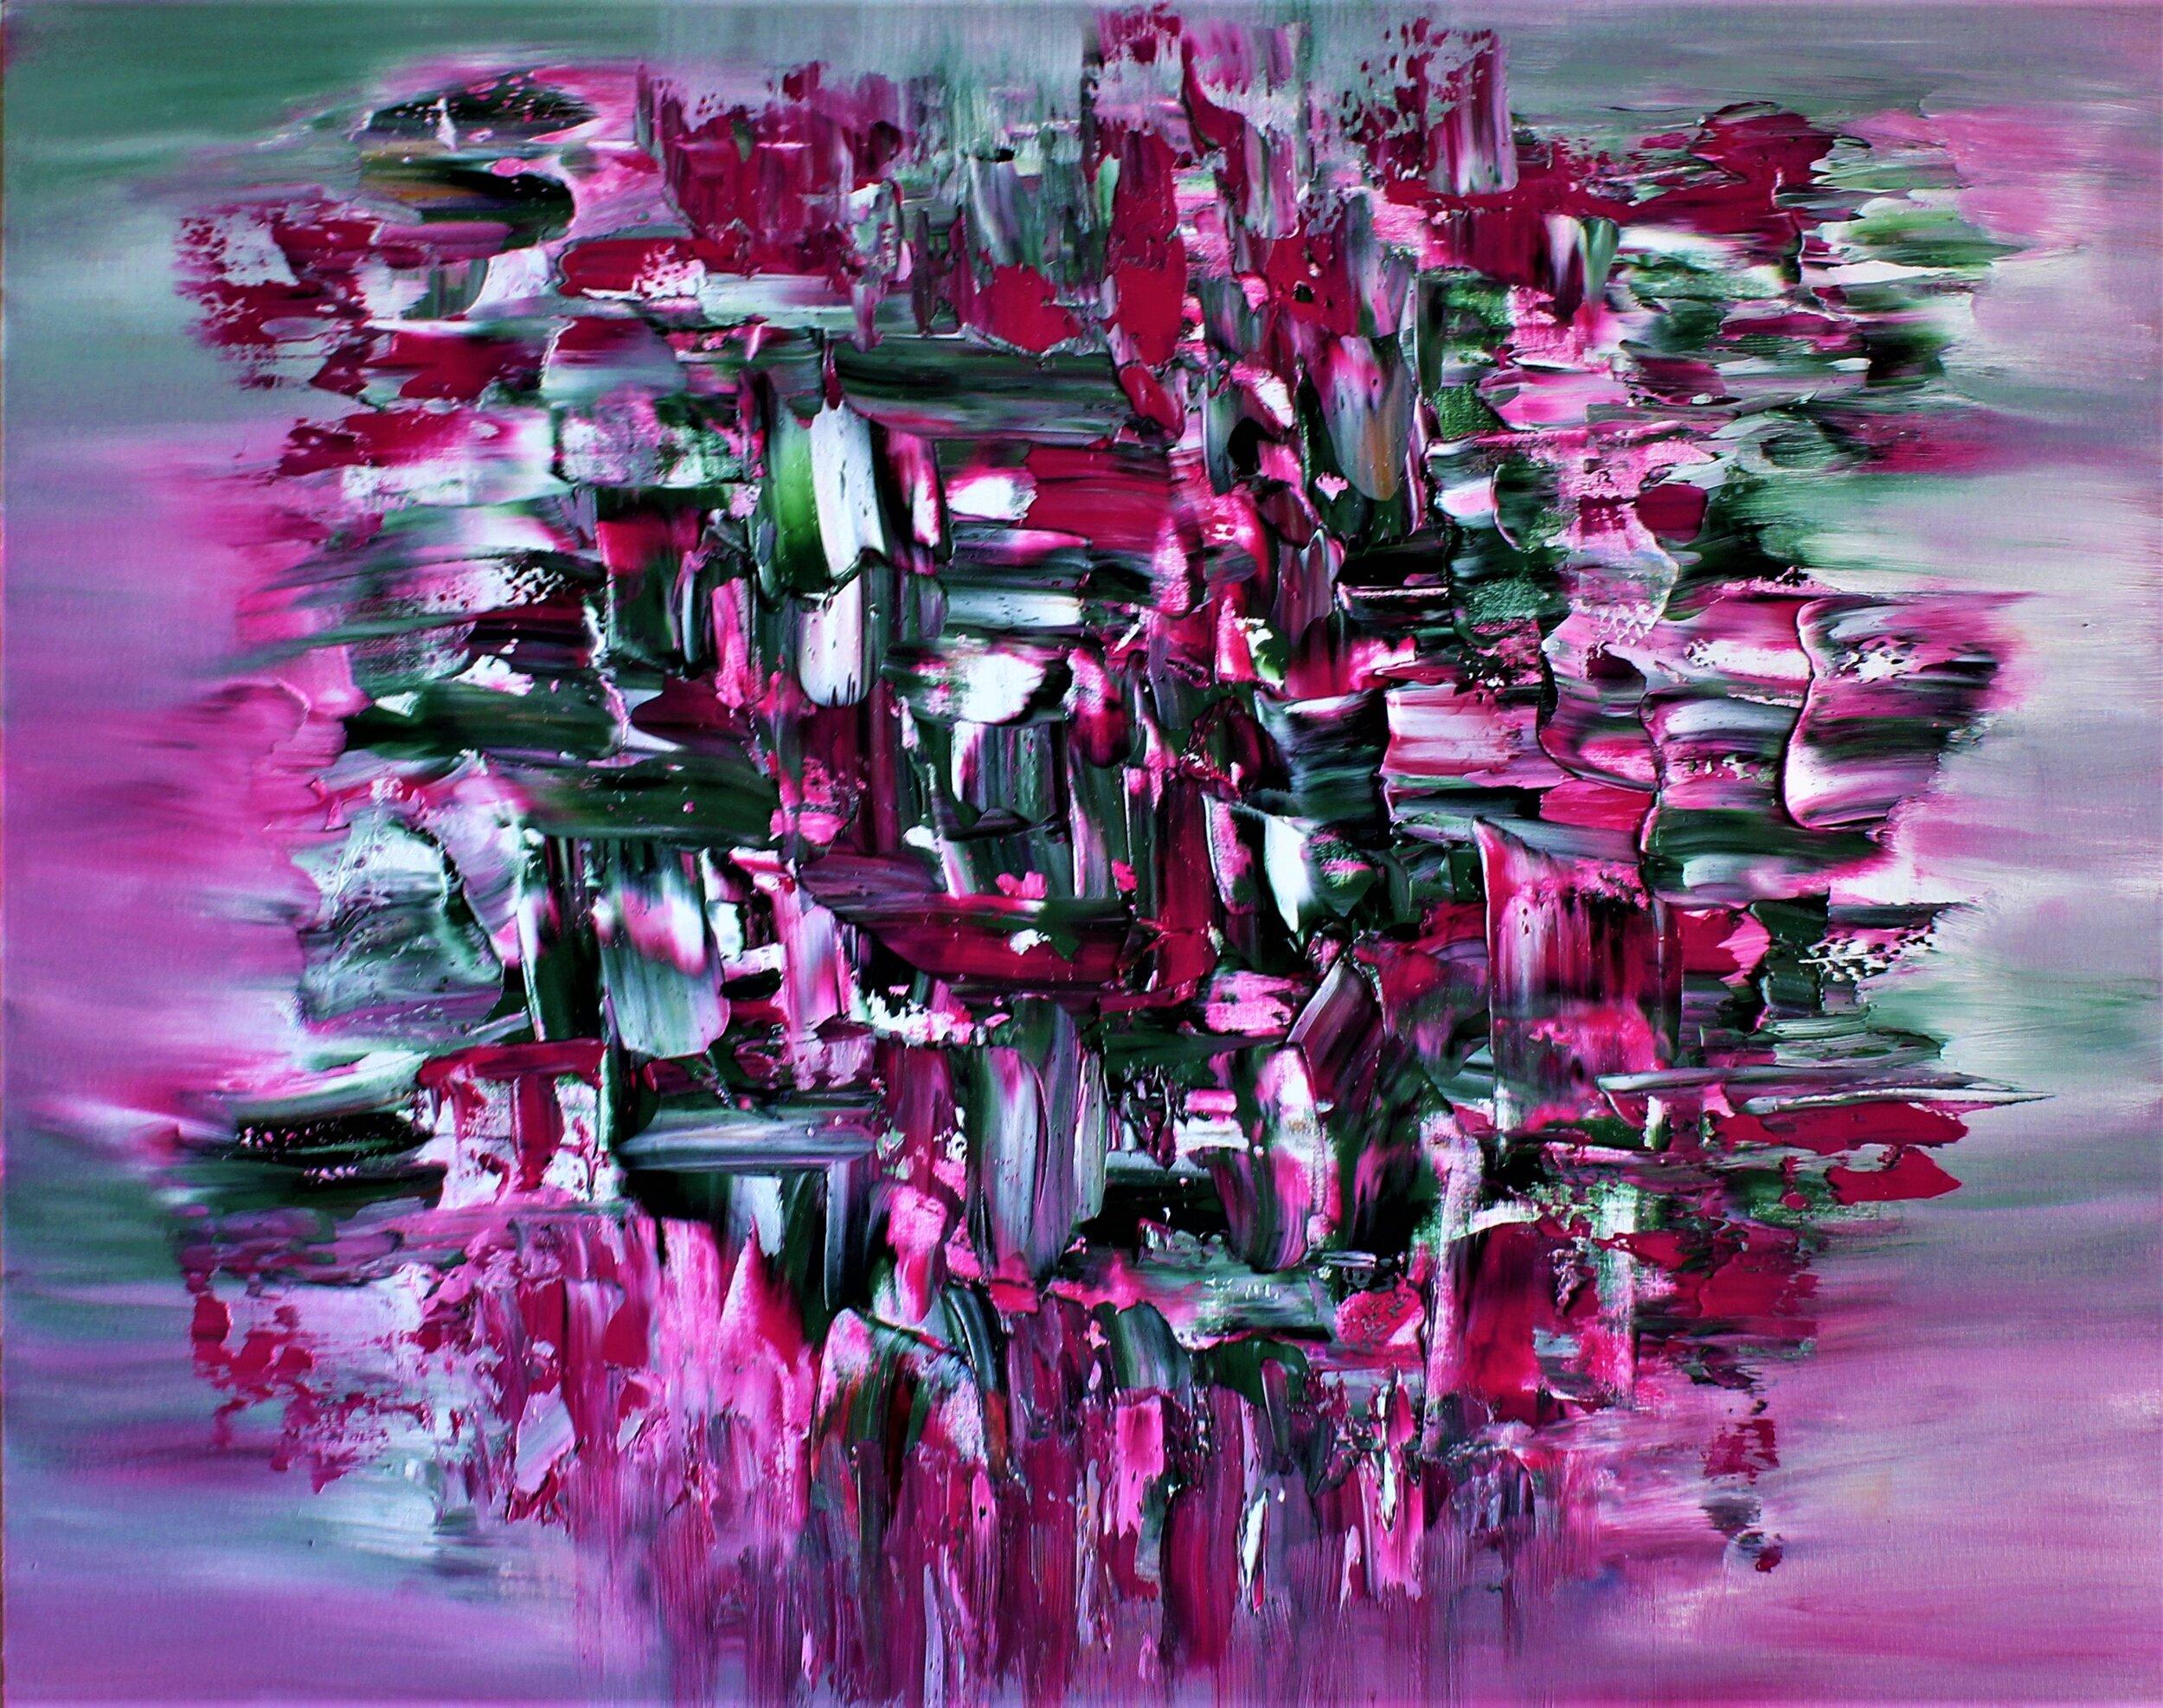 20496930-HannaSupetran, La Vie En Rose, Oil on Canvas, 24x30, 1430.jpg